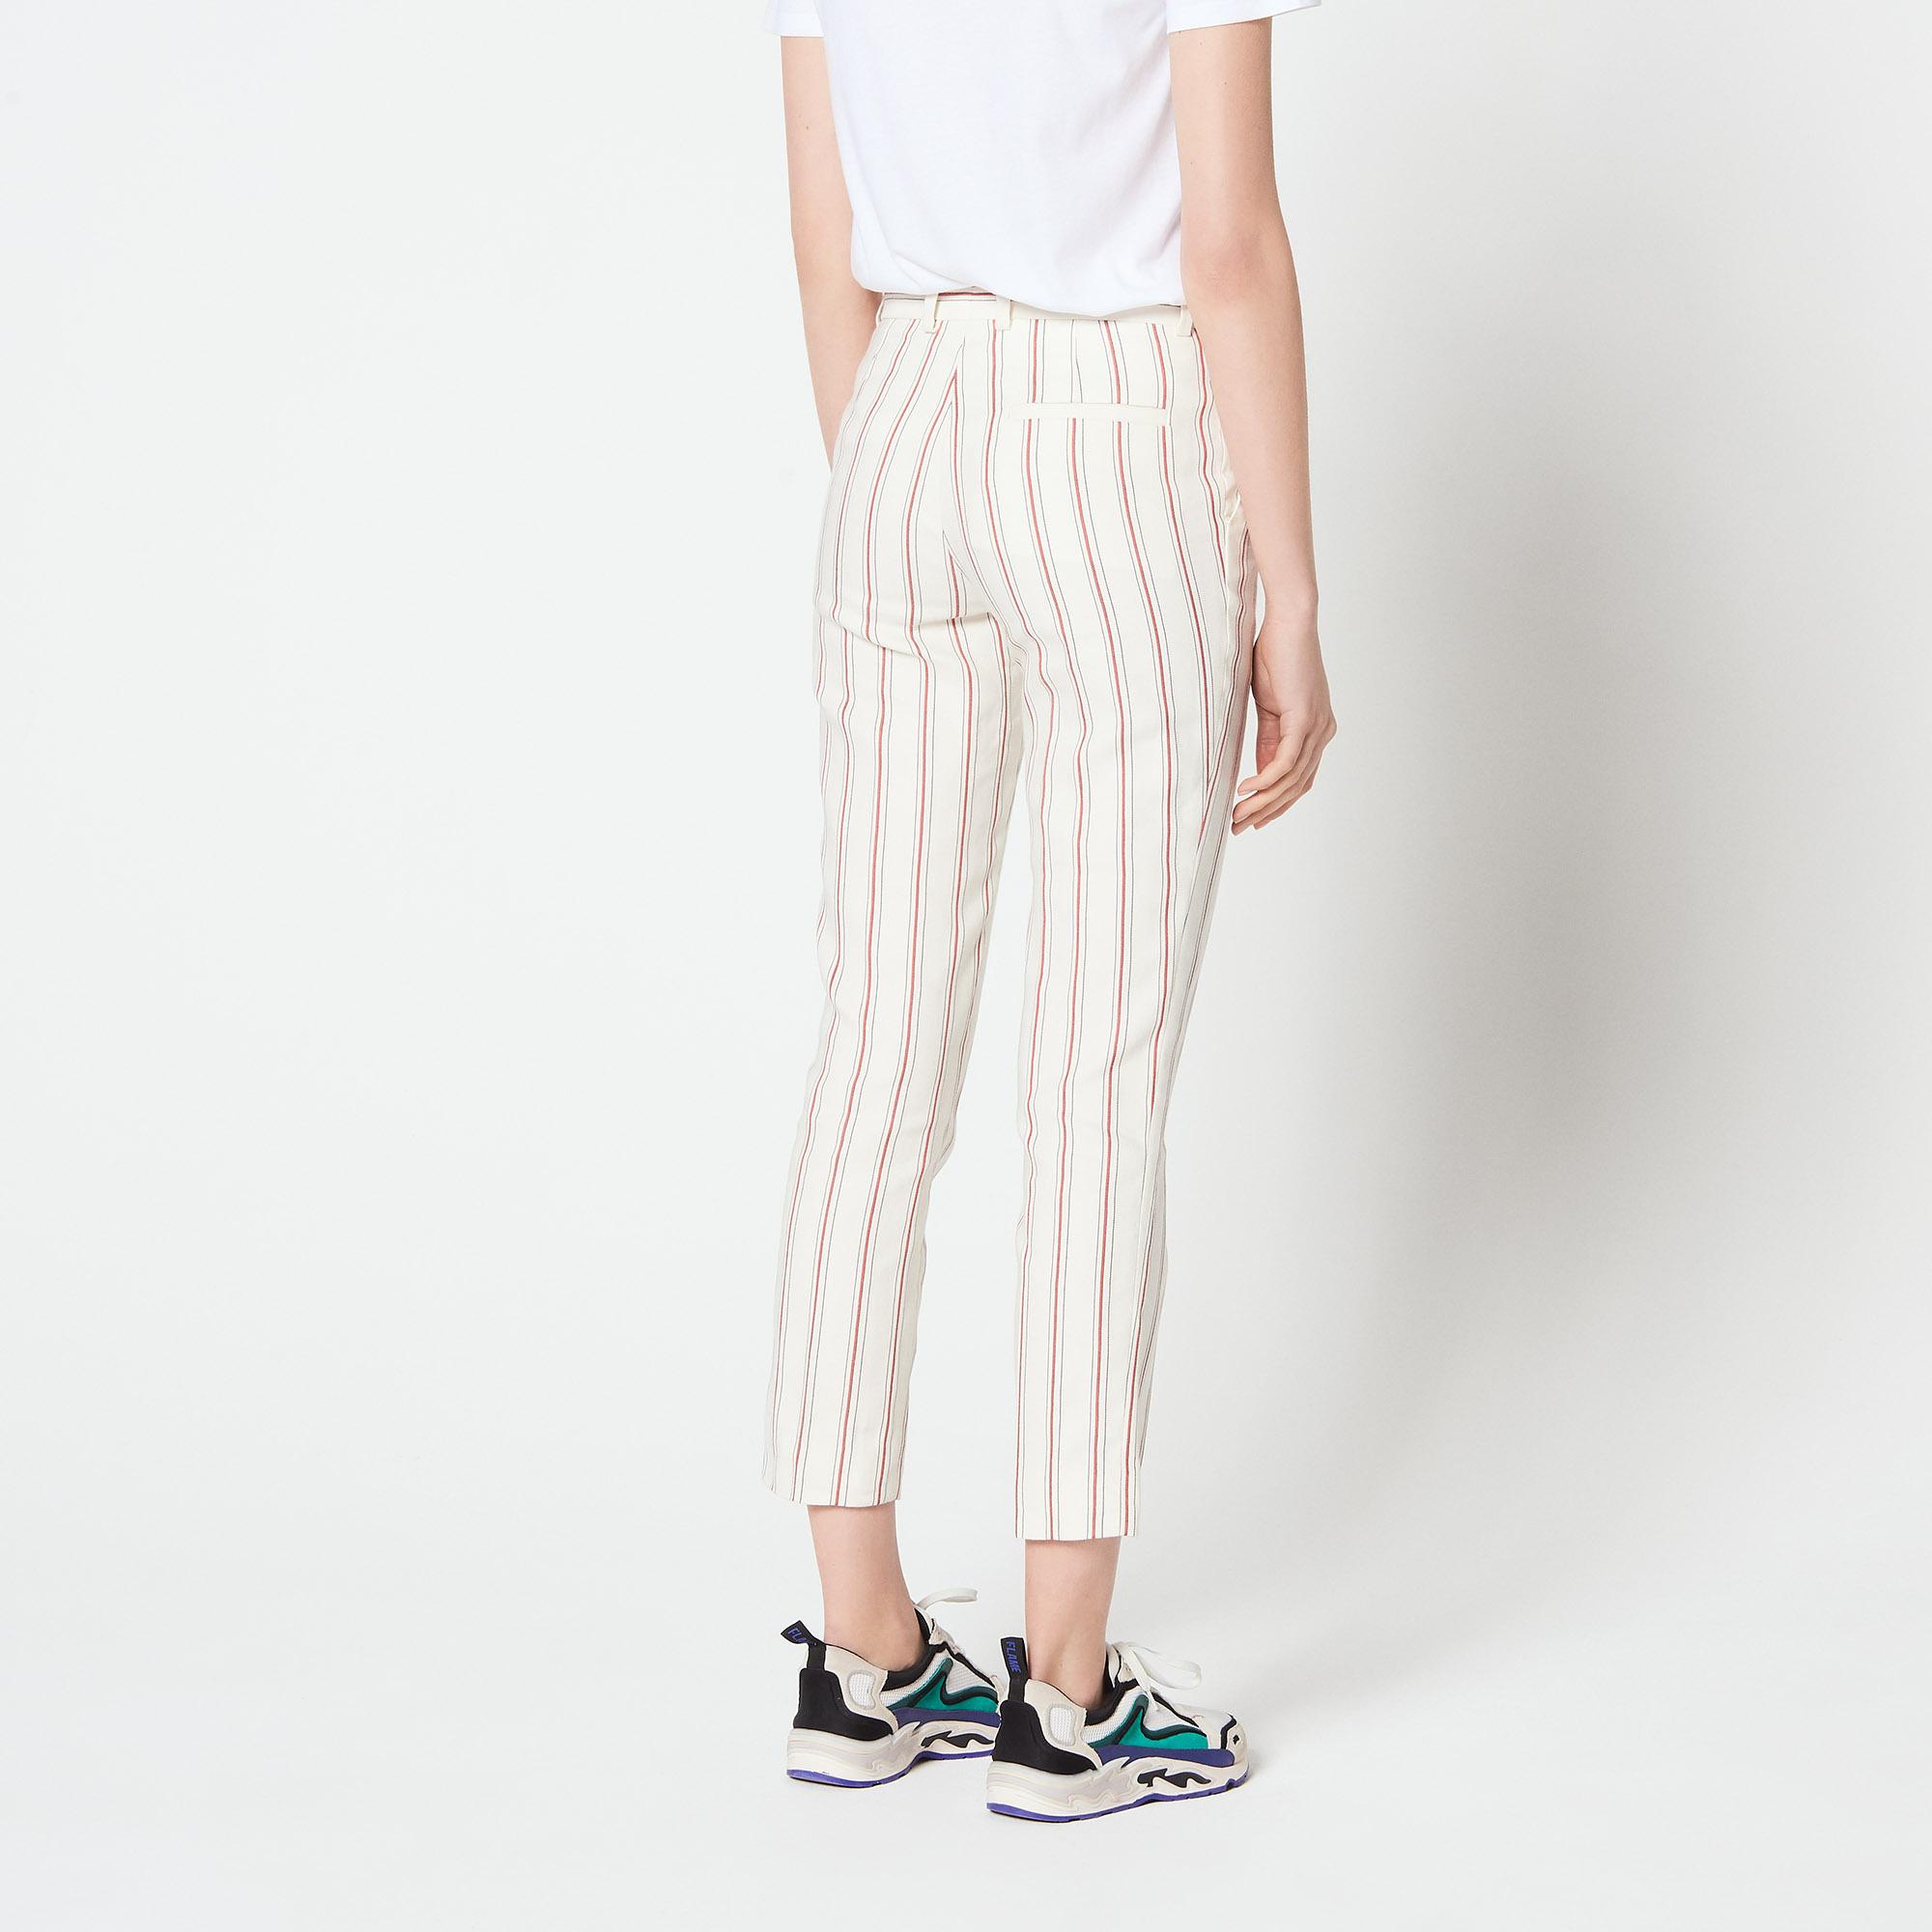 Pantaloni 7/8 : Simple Cadence colore Ecru